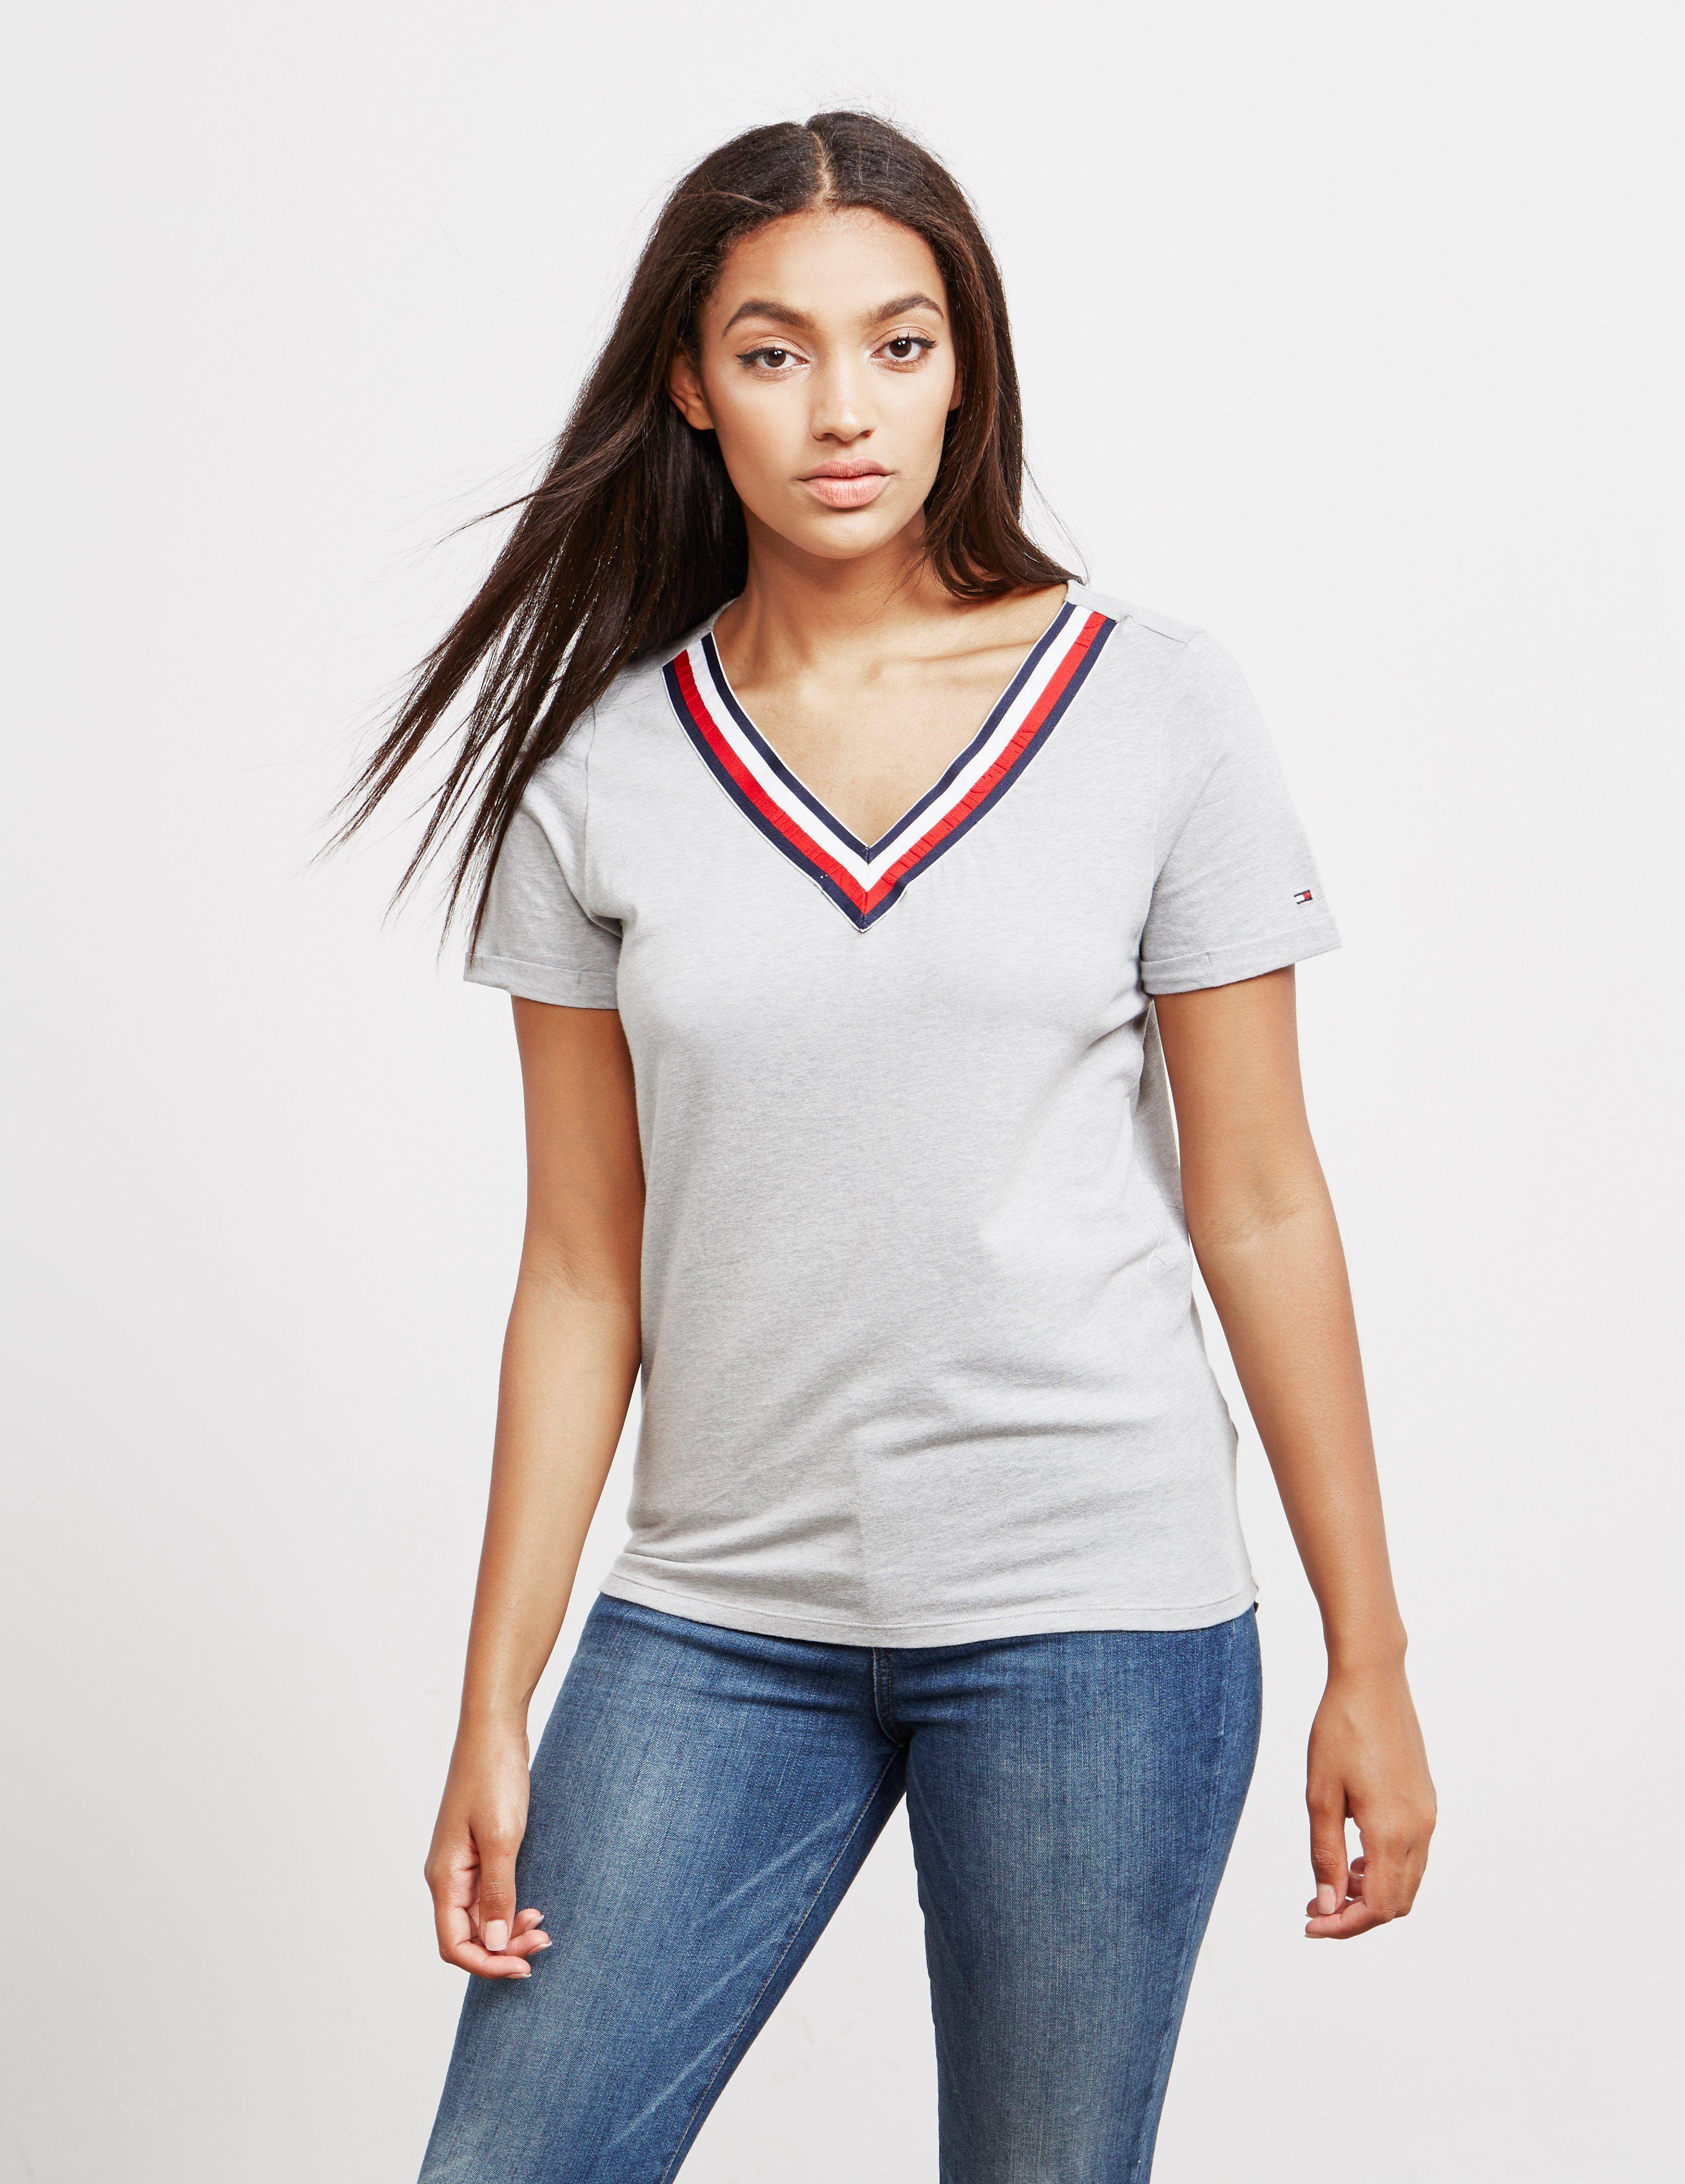 Tommy Hilfiger Underwear V-Neck Short Sleeve T-Shirt - Online Exclusive